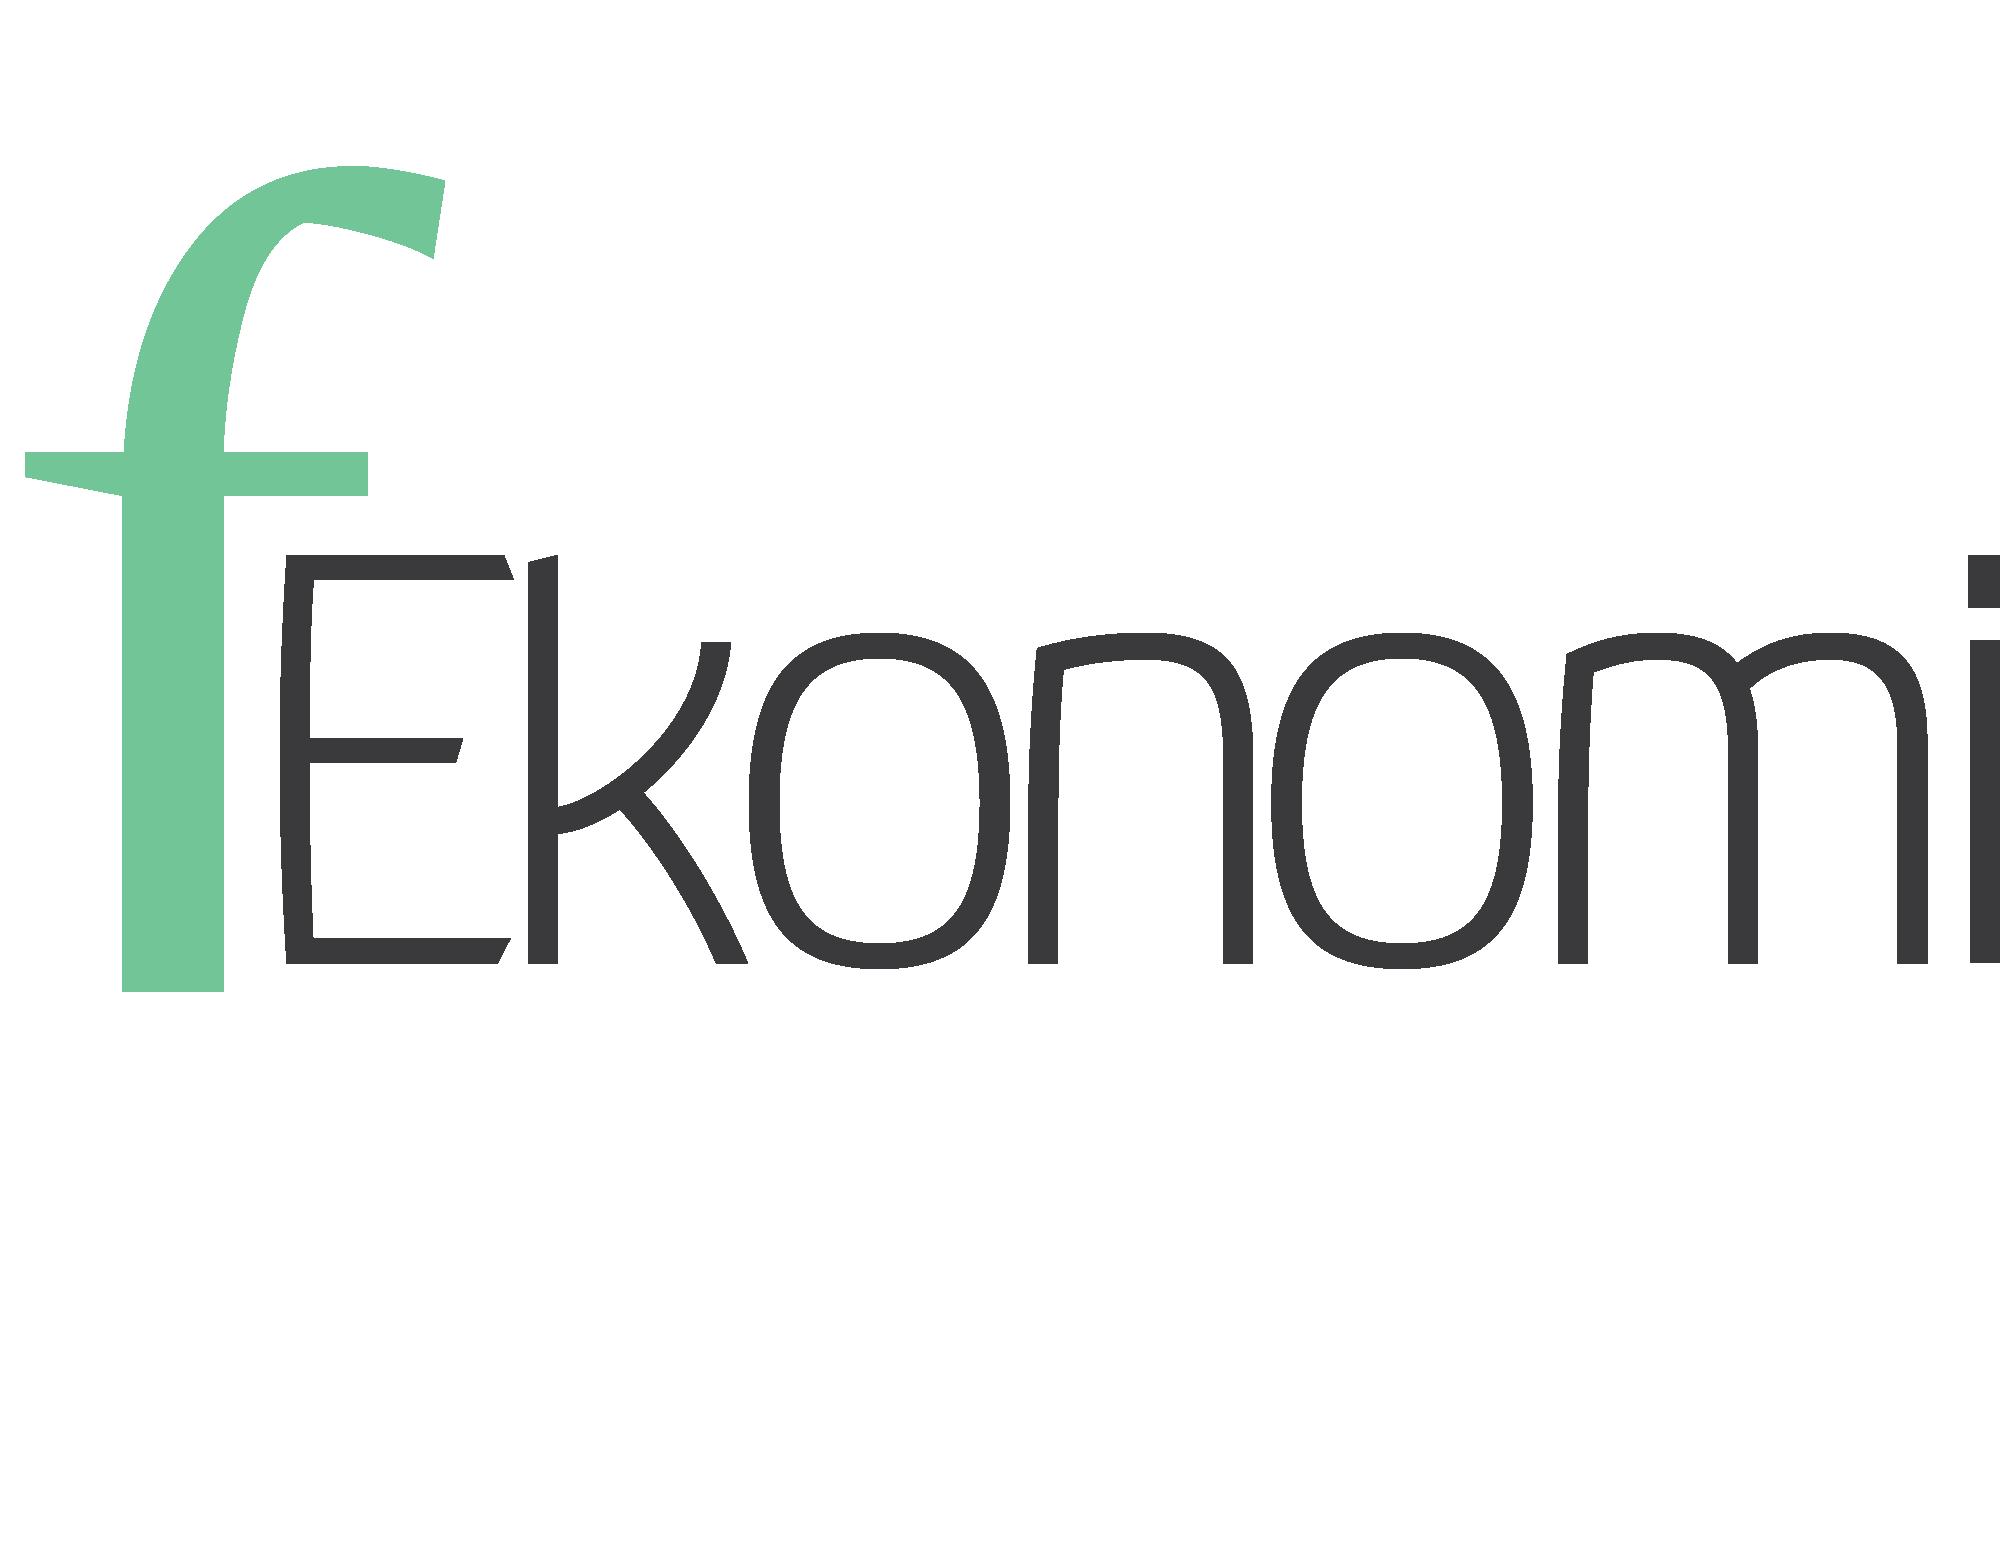 Logotyp fEkonomi